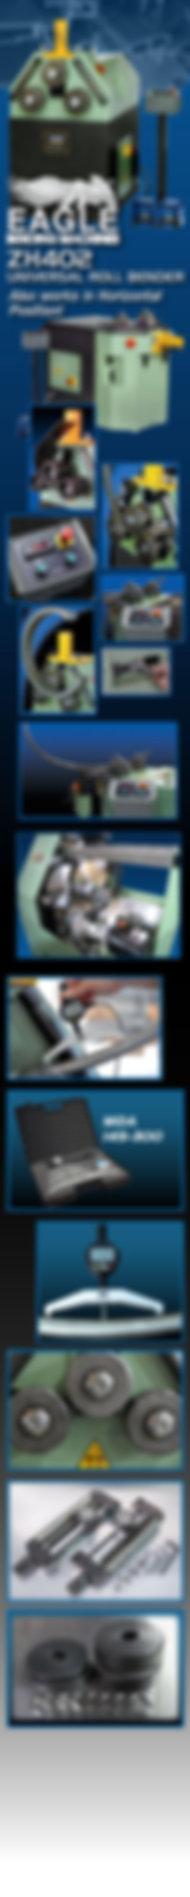 CPZH402-SIDEBAR-18.jpg